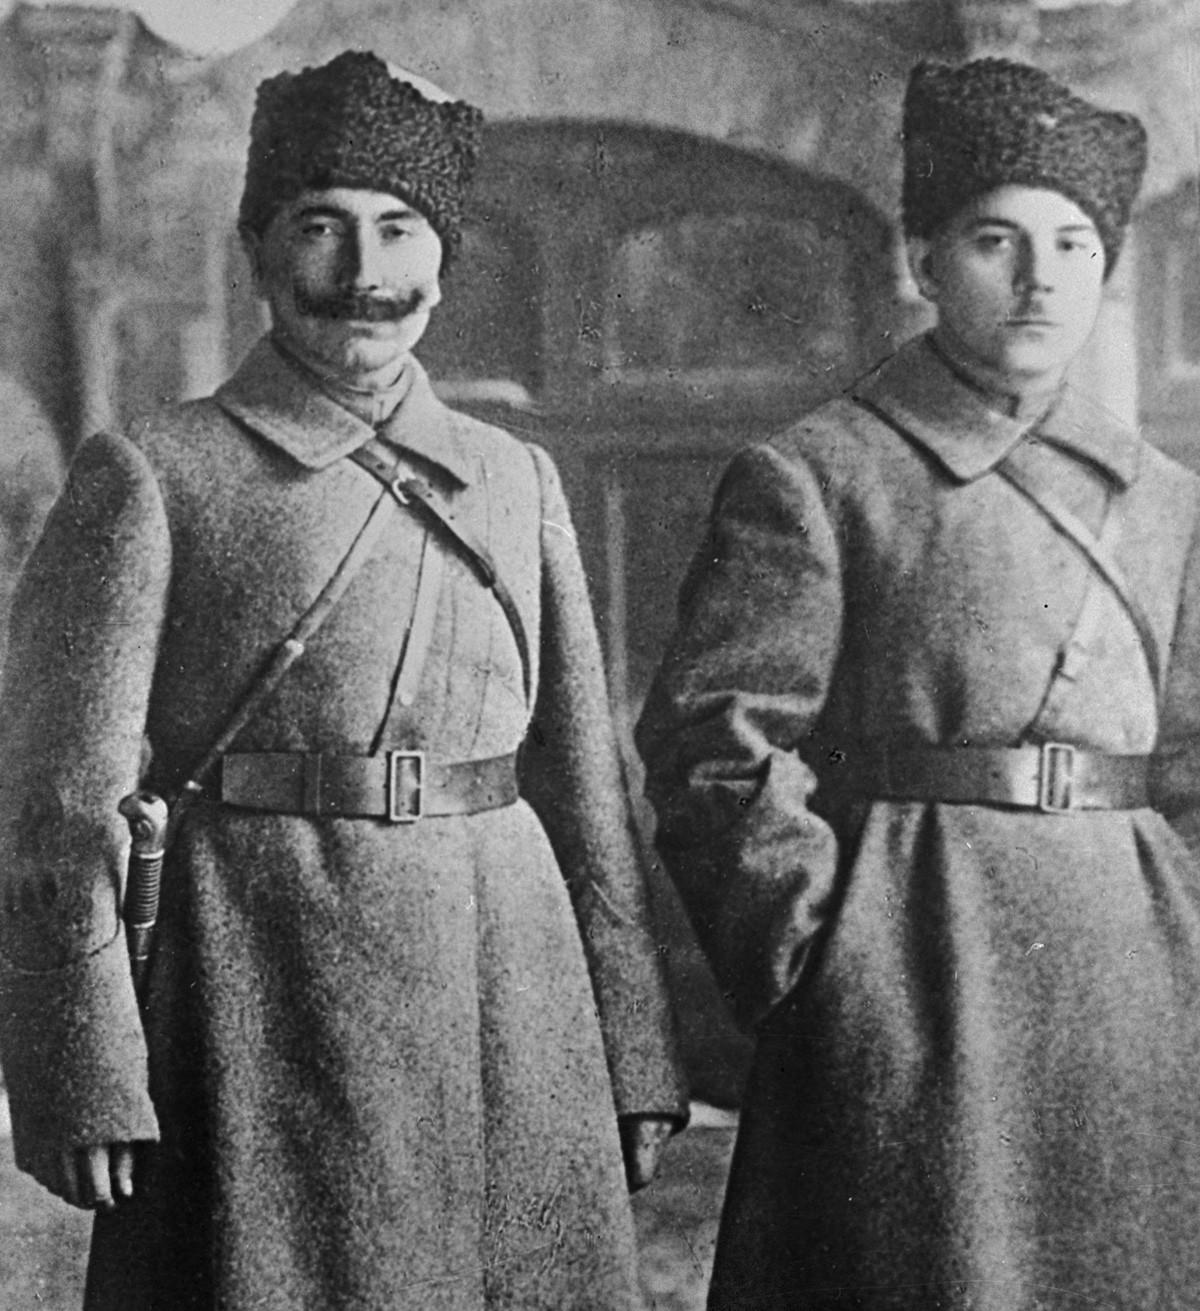 Semyon Budyonny and Kliment Voroshilov in 1918.